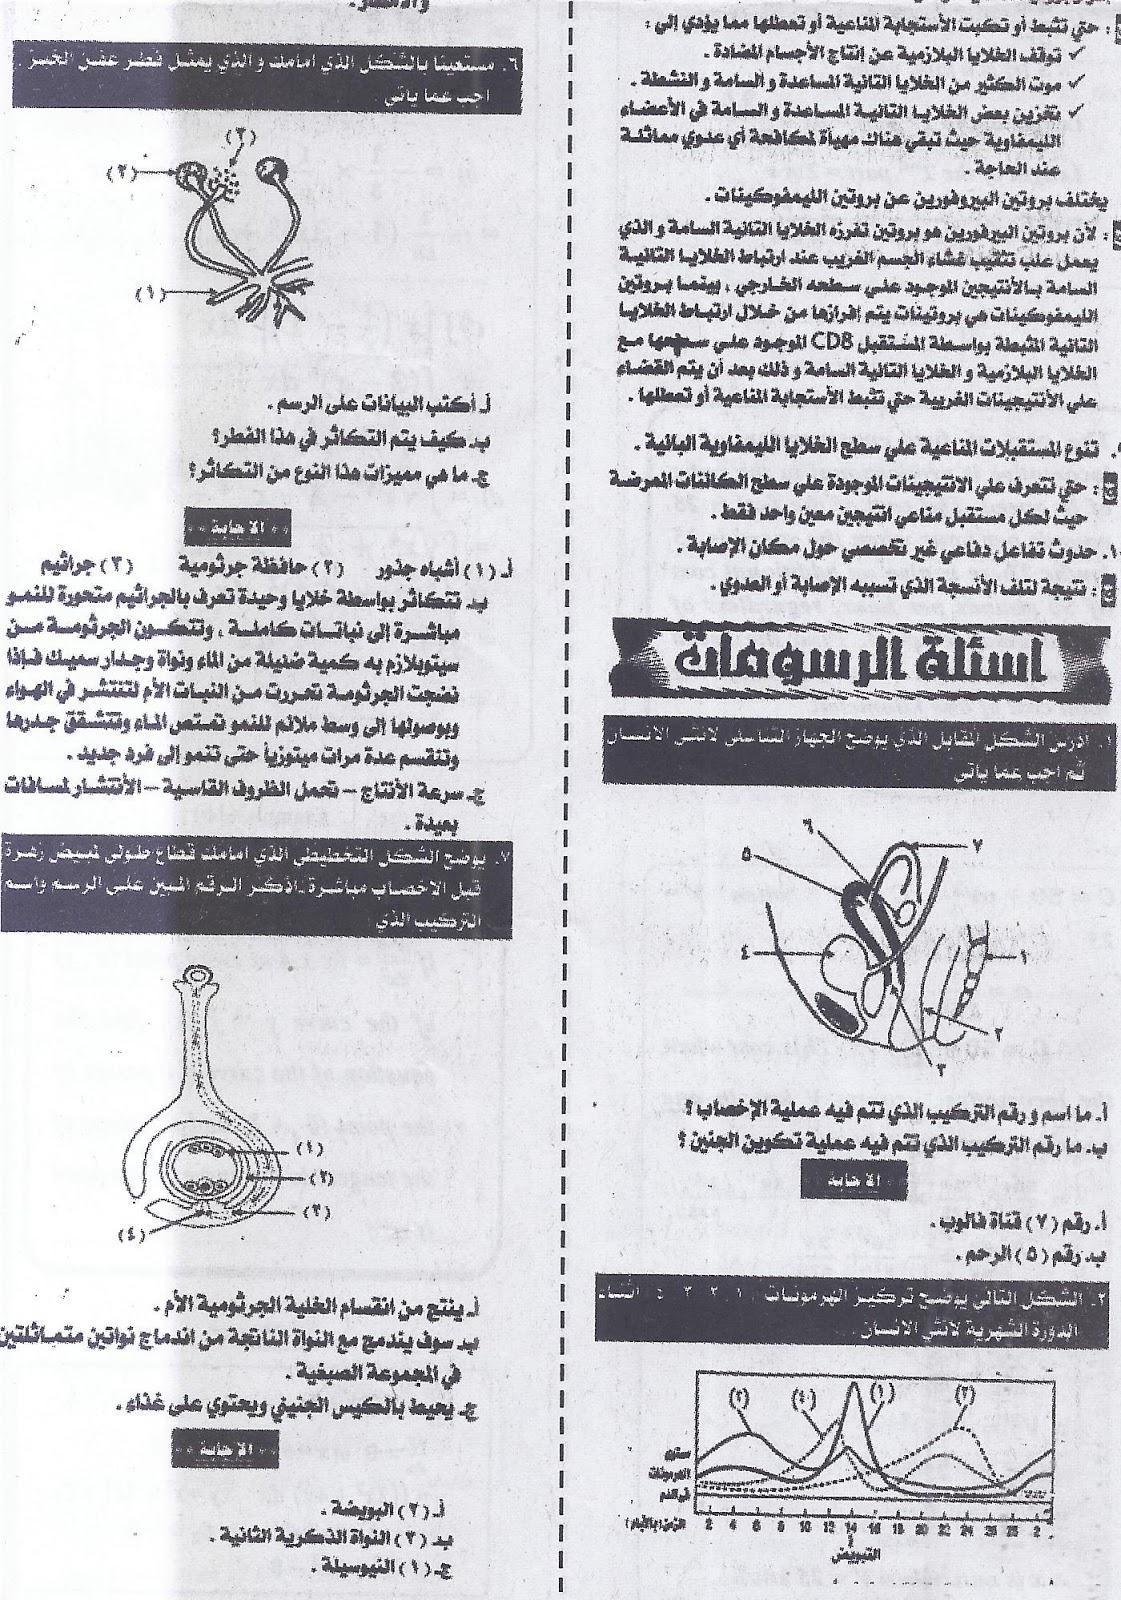 اسئلة احياء مجابة ومتوقعة لامتحان ثانوية عامة 2016 ... خبراء ملحق الجمهورية 15